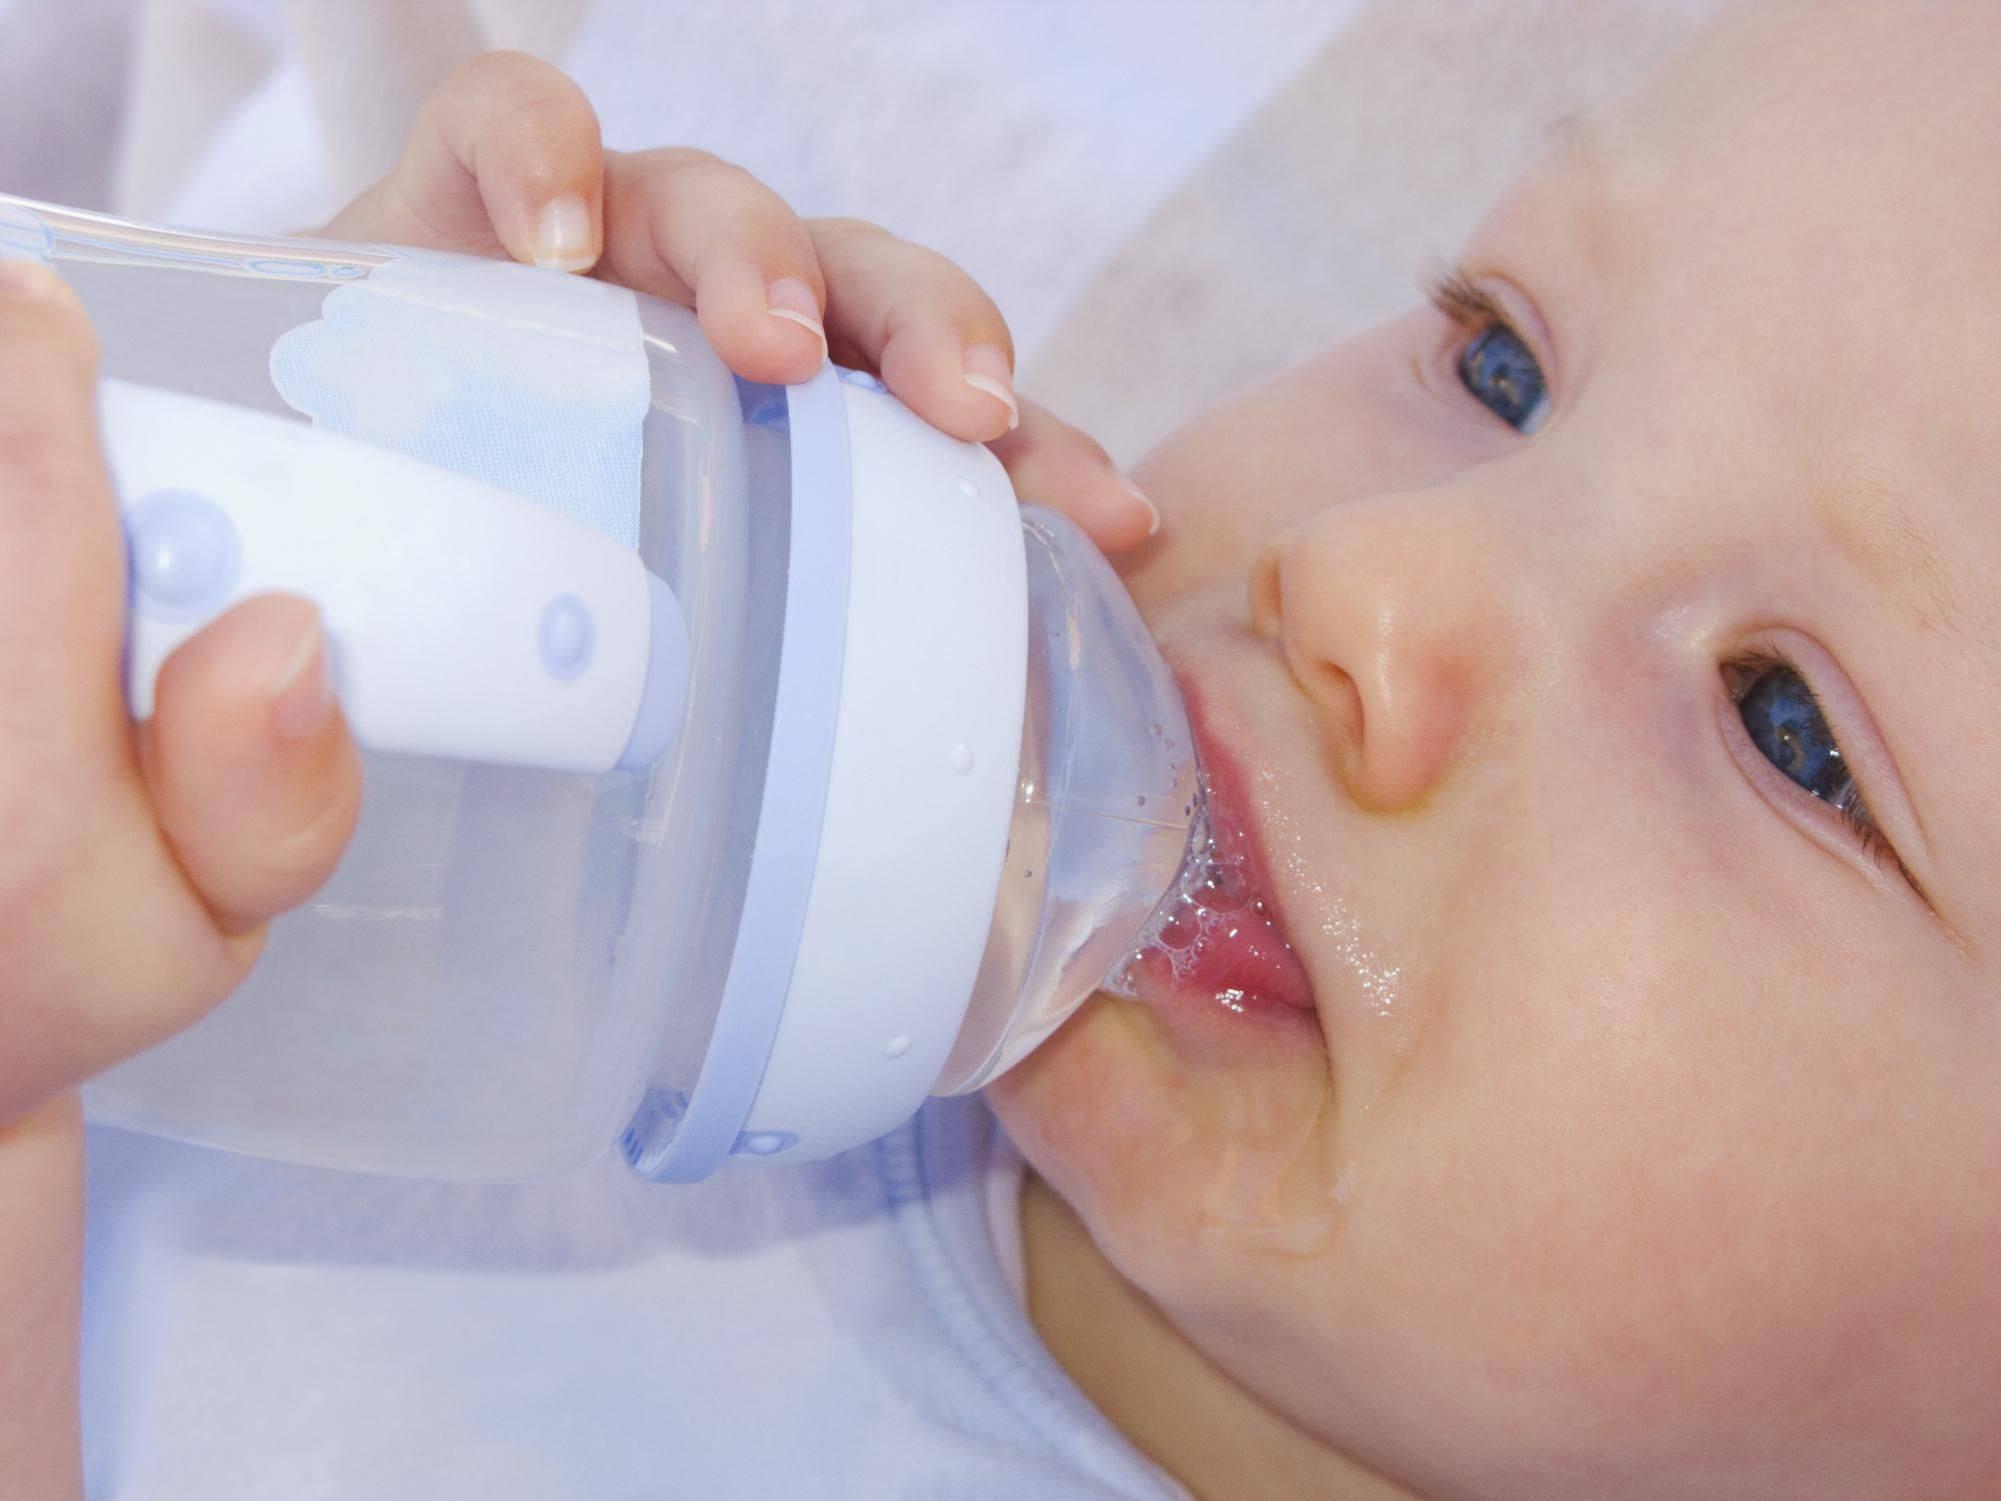 Младенец икает после кормления что делать и как остановить • твоя семья - информационный семейный портал